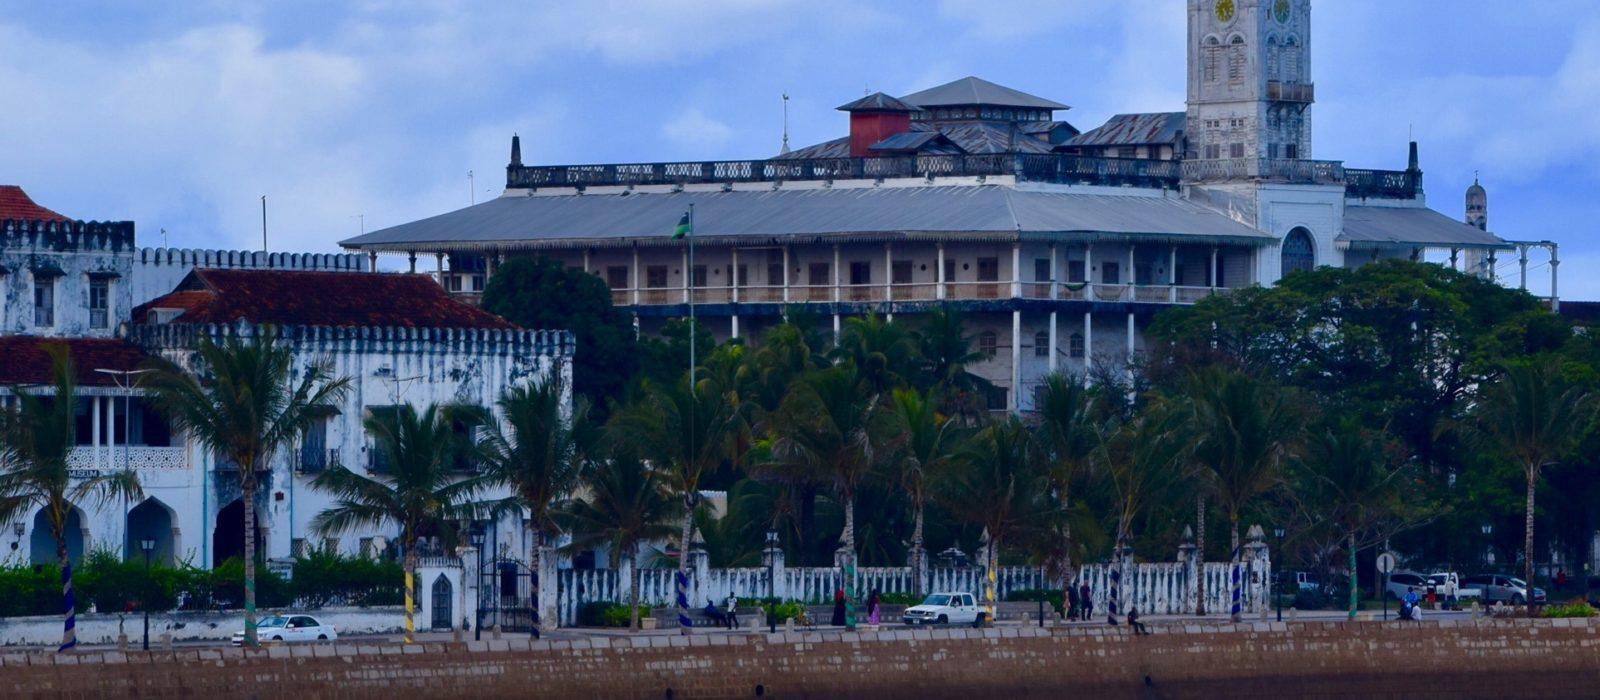 Zanzibar_HouseOfWonders